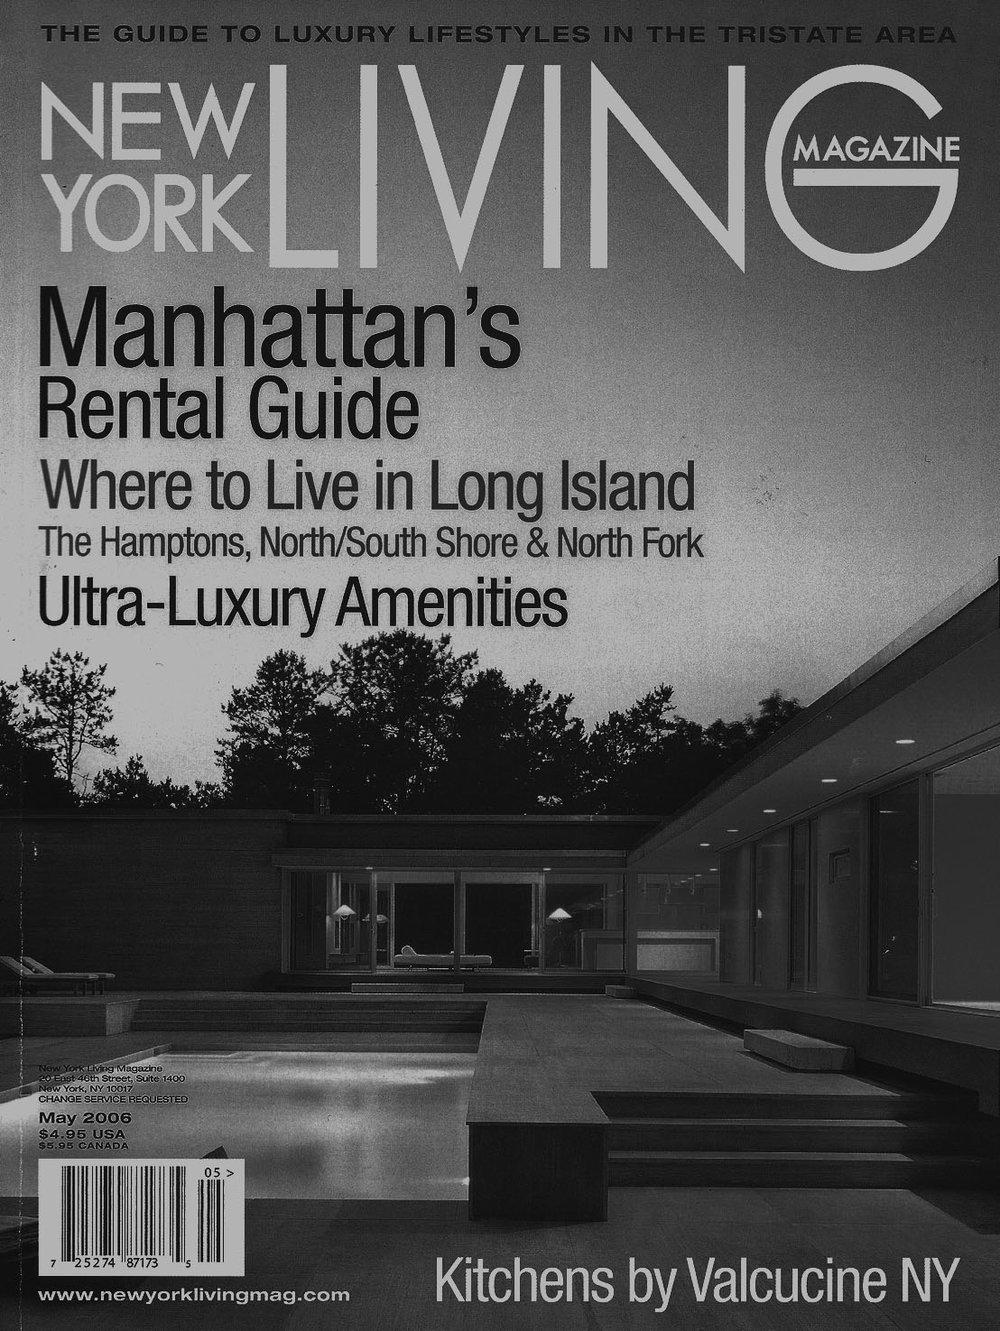 Hospitality Interior Designers in Manhattan, NY, NY | Joe Ginsberg Interior Design